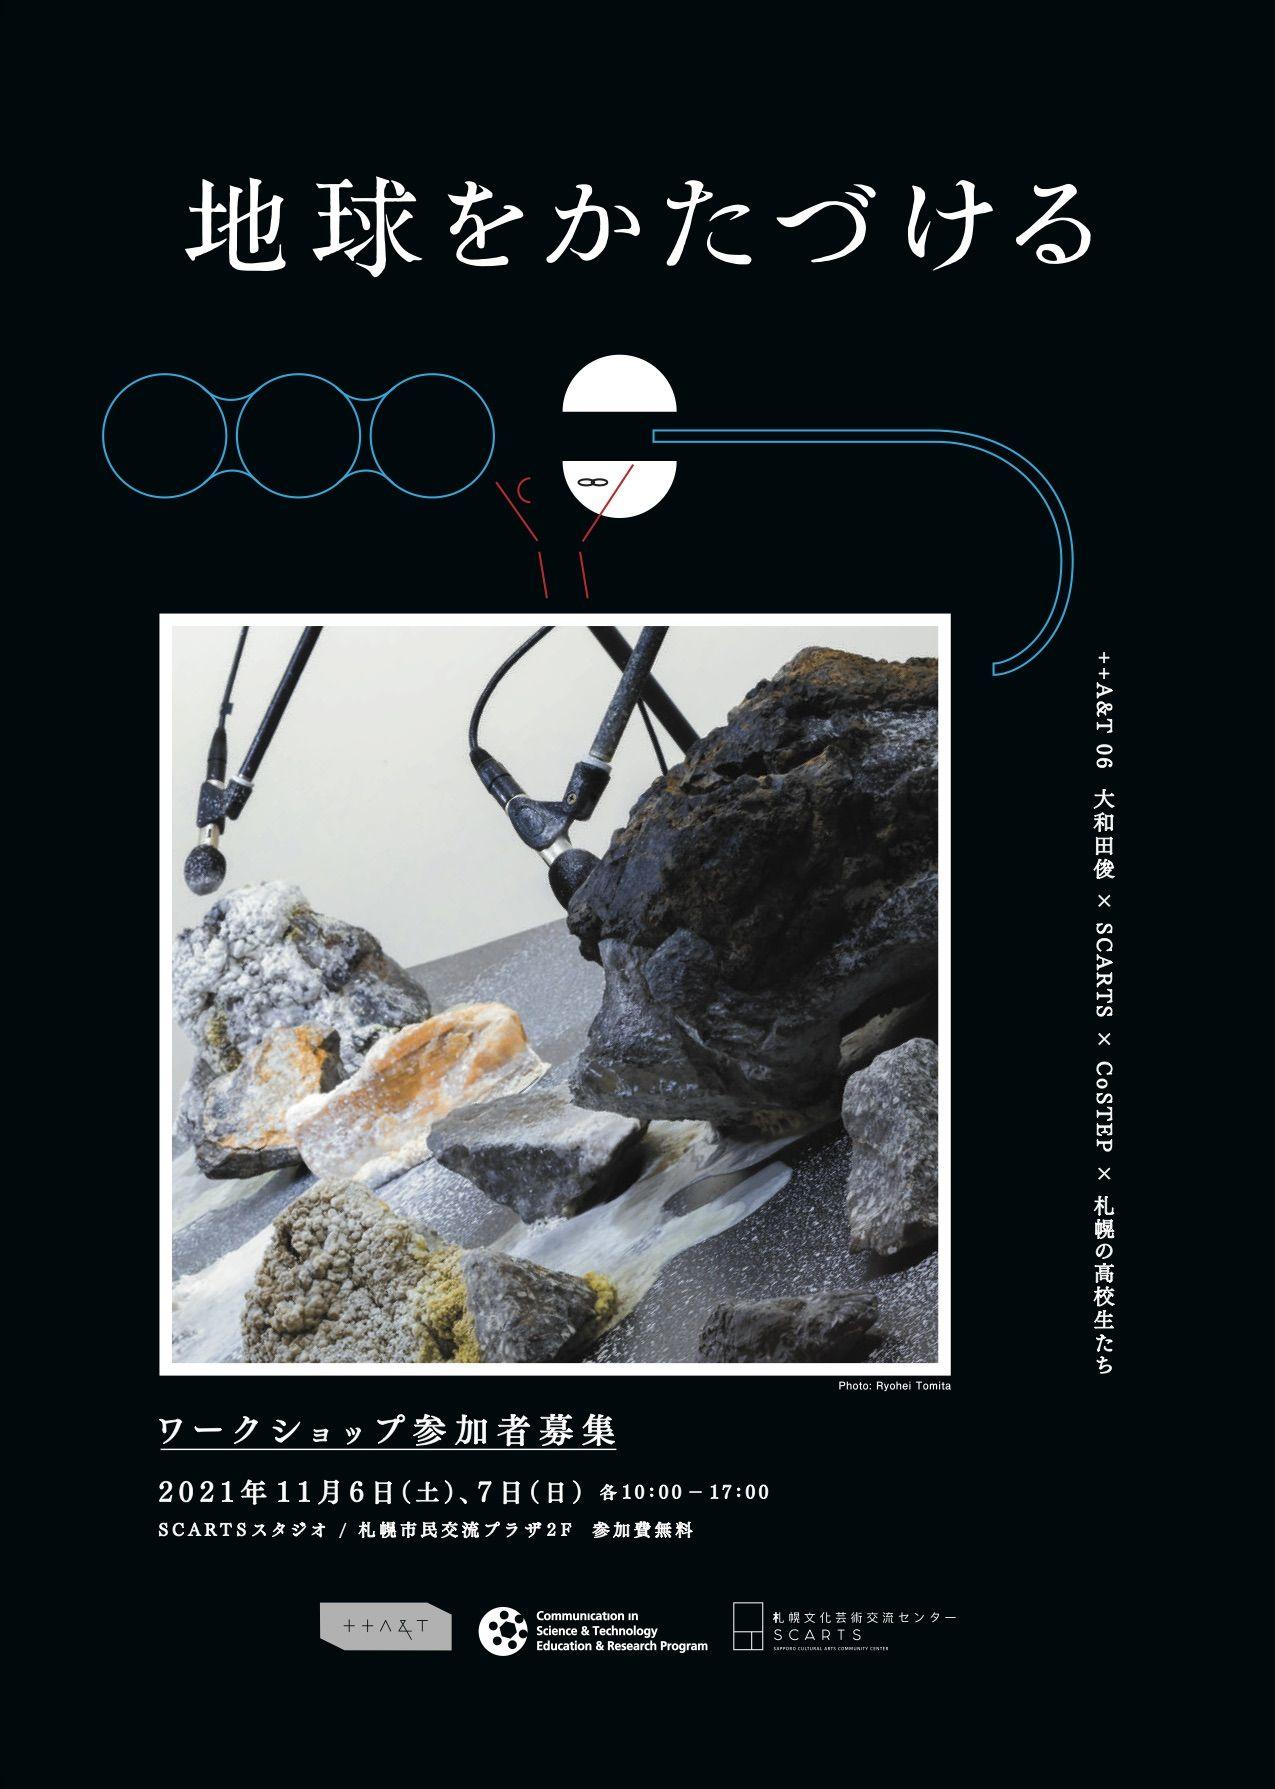 <参加者募集>++A&T 06 大和田俊 × SCARTS × CoSTEP × 札幌の高校生たち「地球をかたづける」ワークショップ イメージ画像